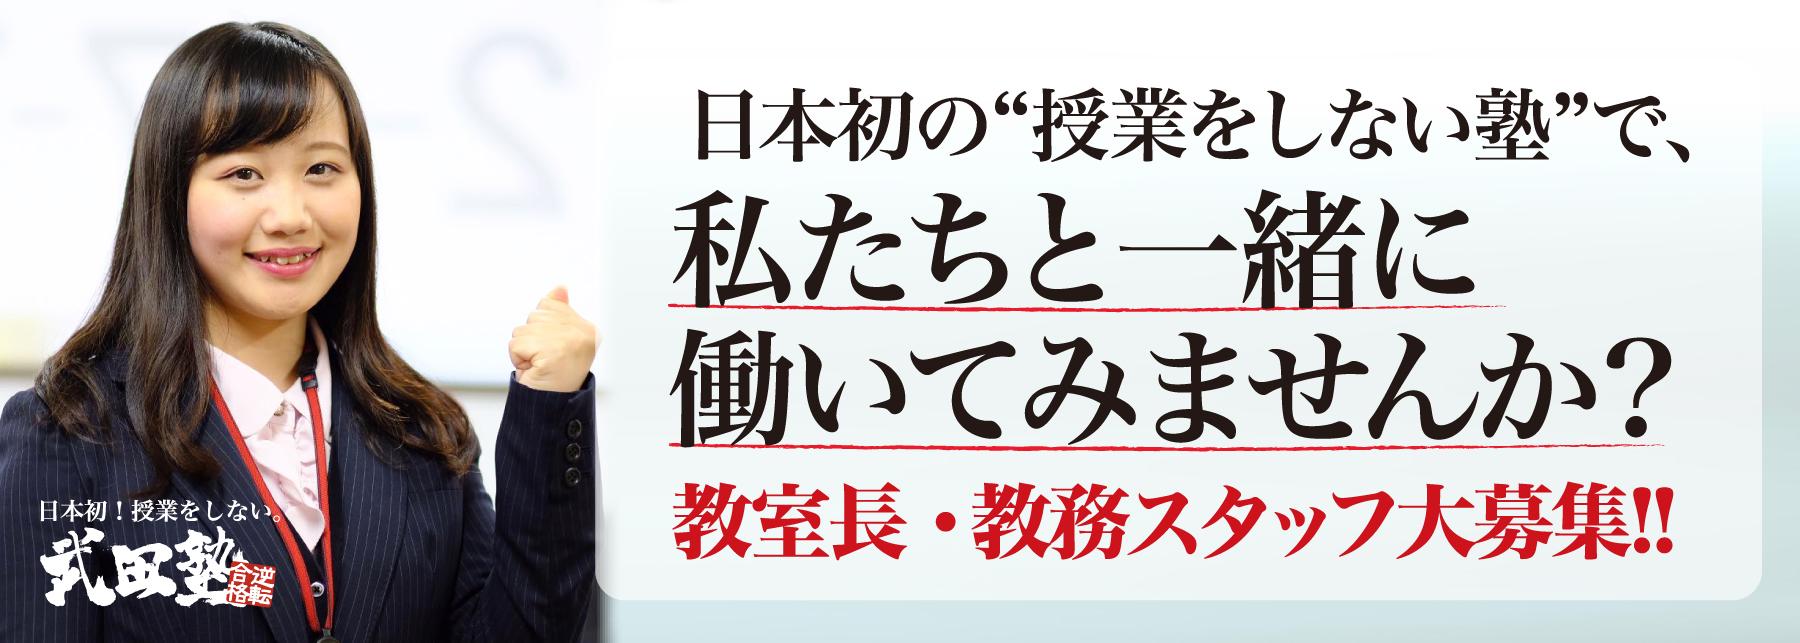 武田塾正社員(校舎長・教務)採用情報